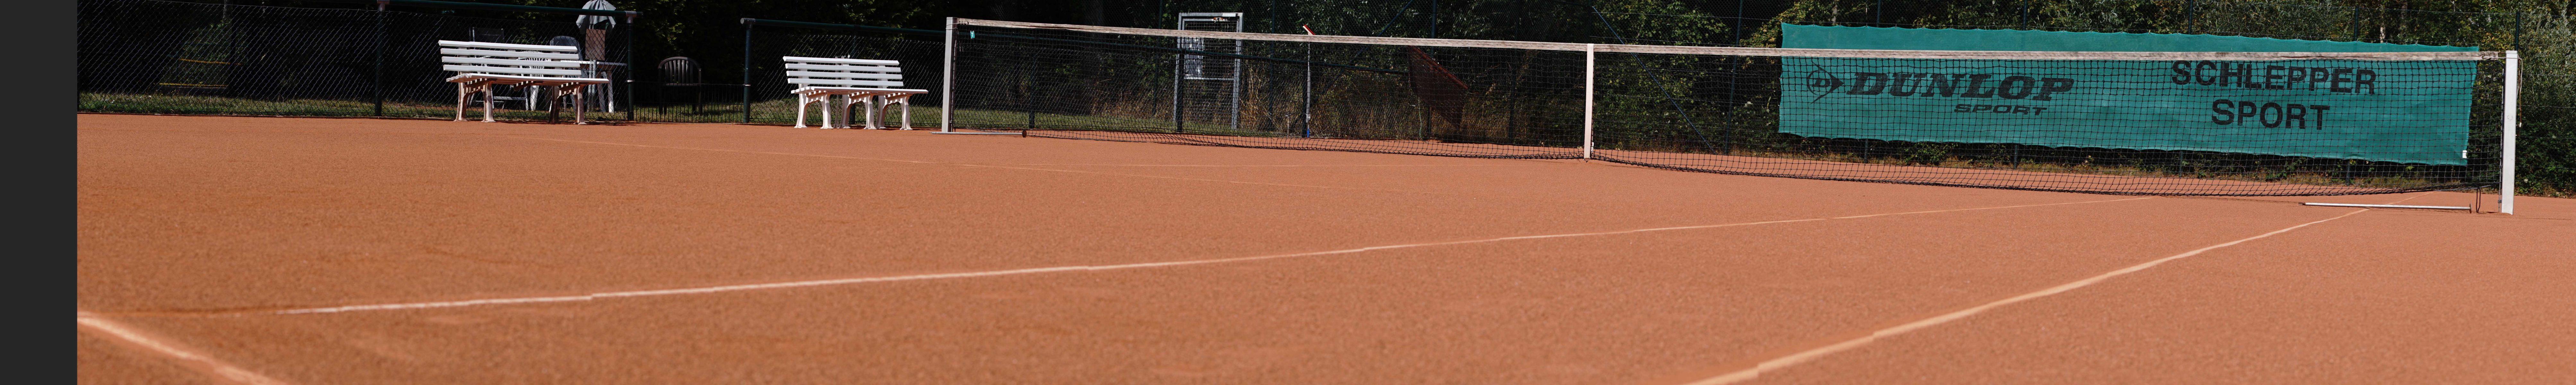 Platz 7: Einer unserer beiden Trainingsplätze für unsere Erwachsenen-Mannschaften